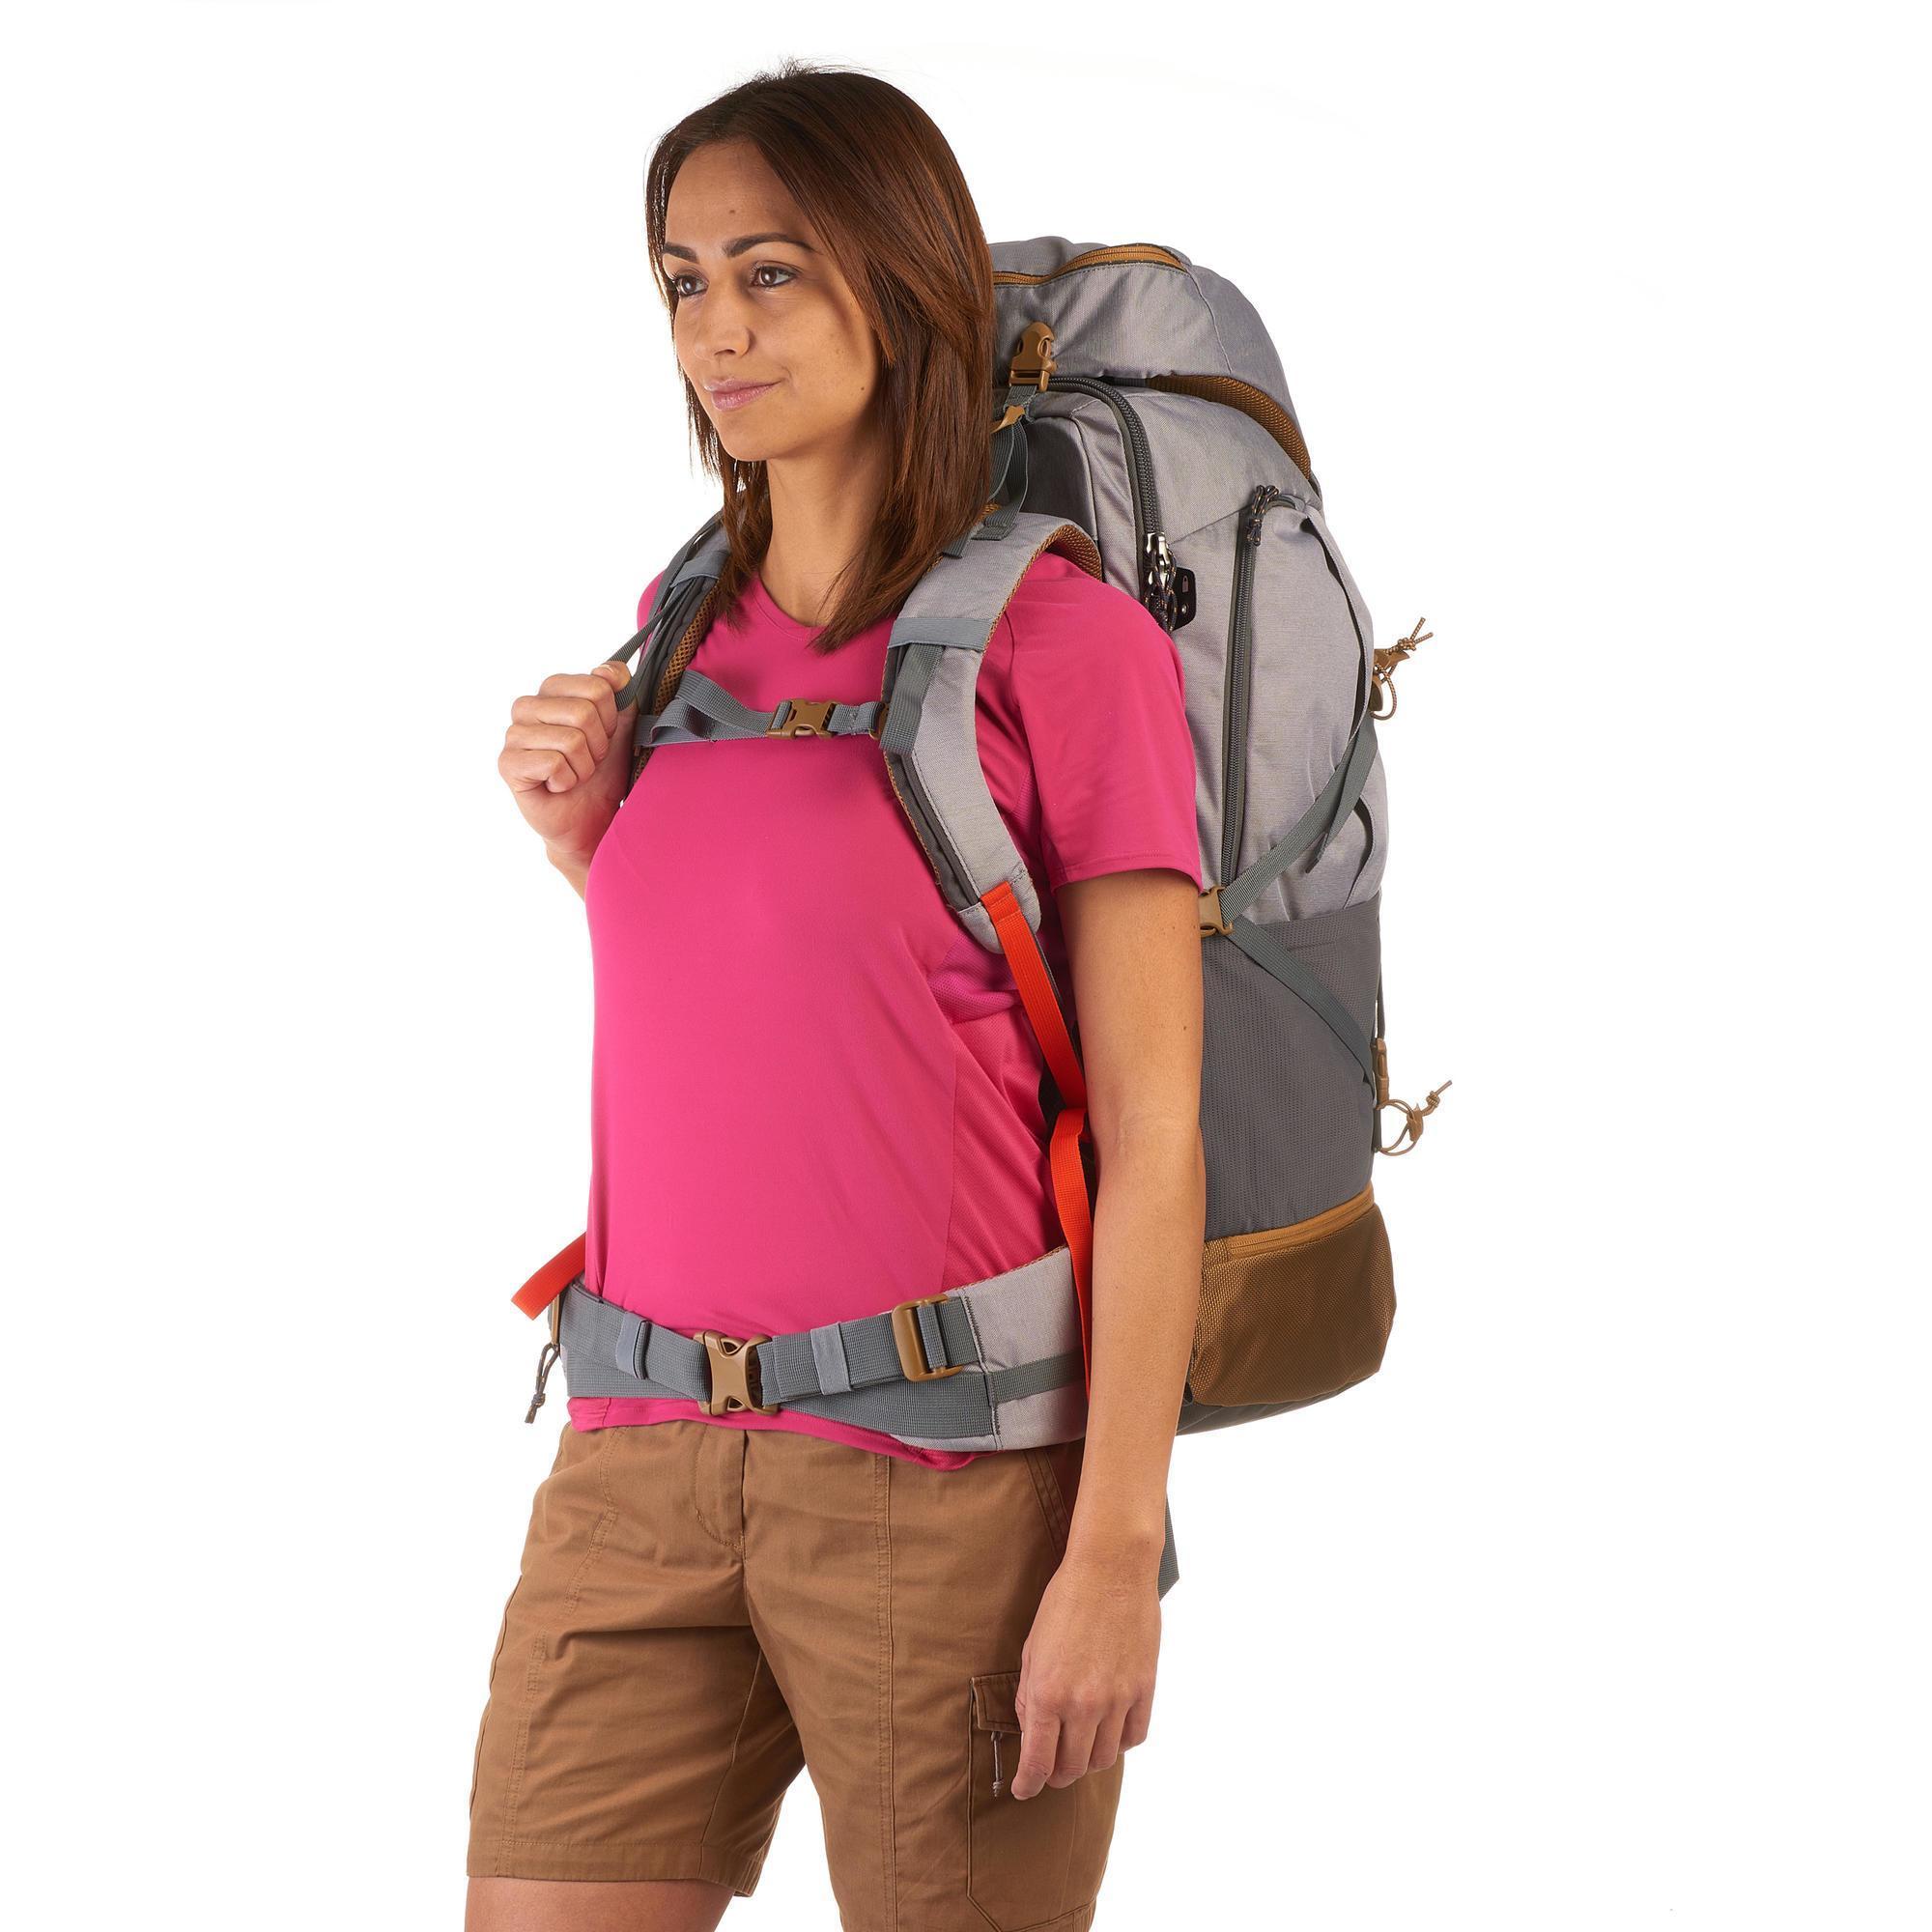 Apta Candado Mujer Mochila 70 Gris Travel Trekking 500 Litros Para qx8YR 9d09c3a9a6e